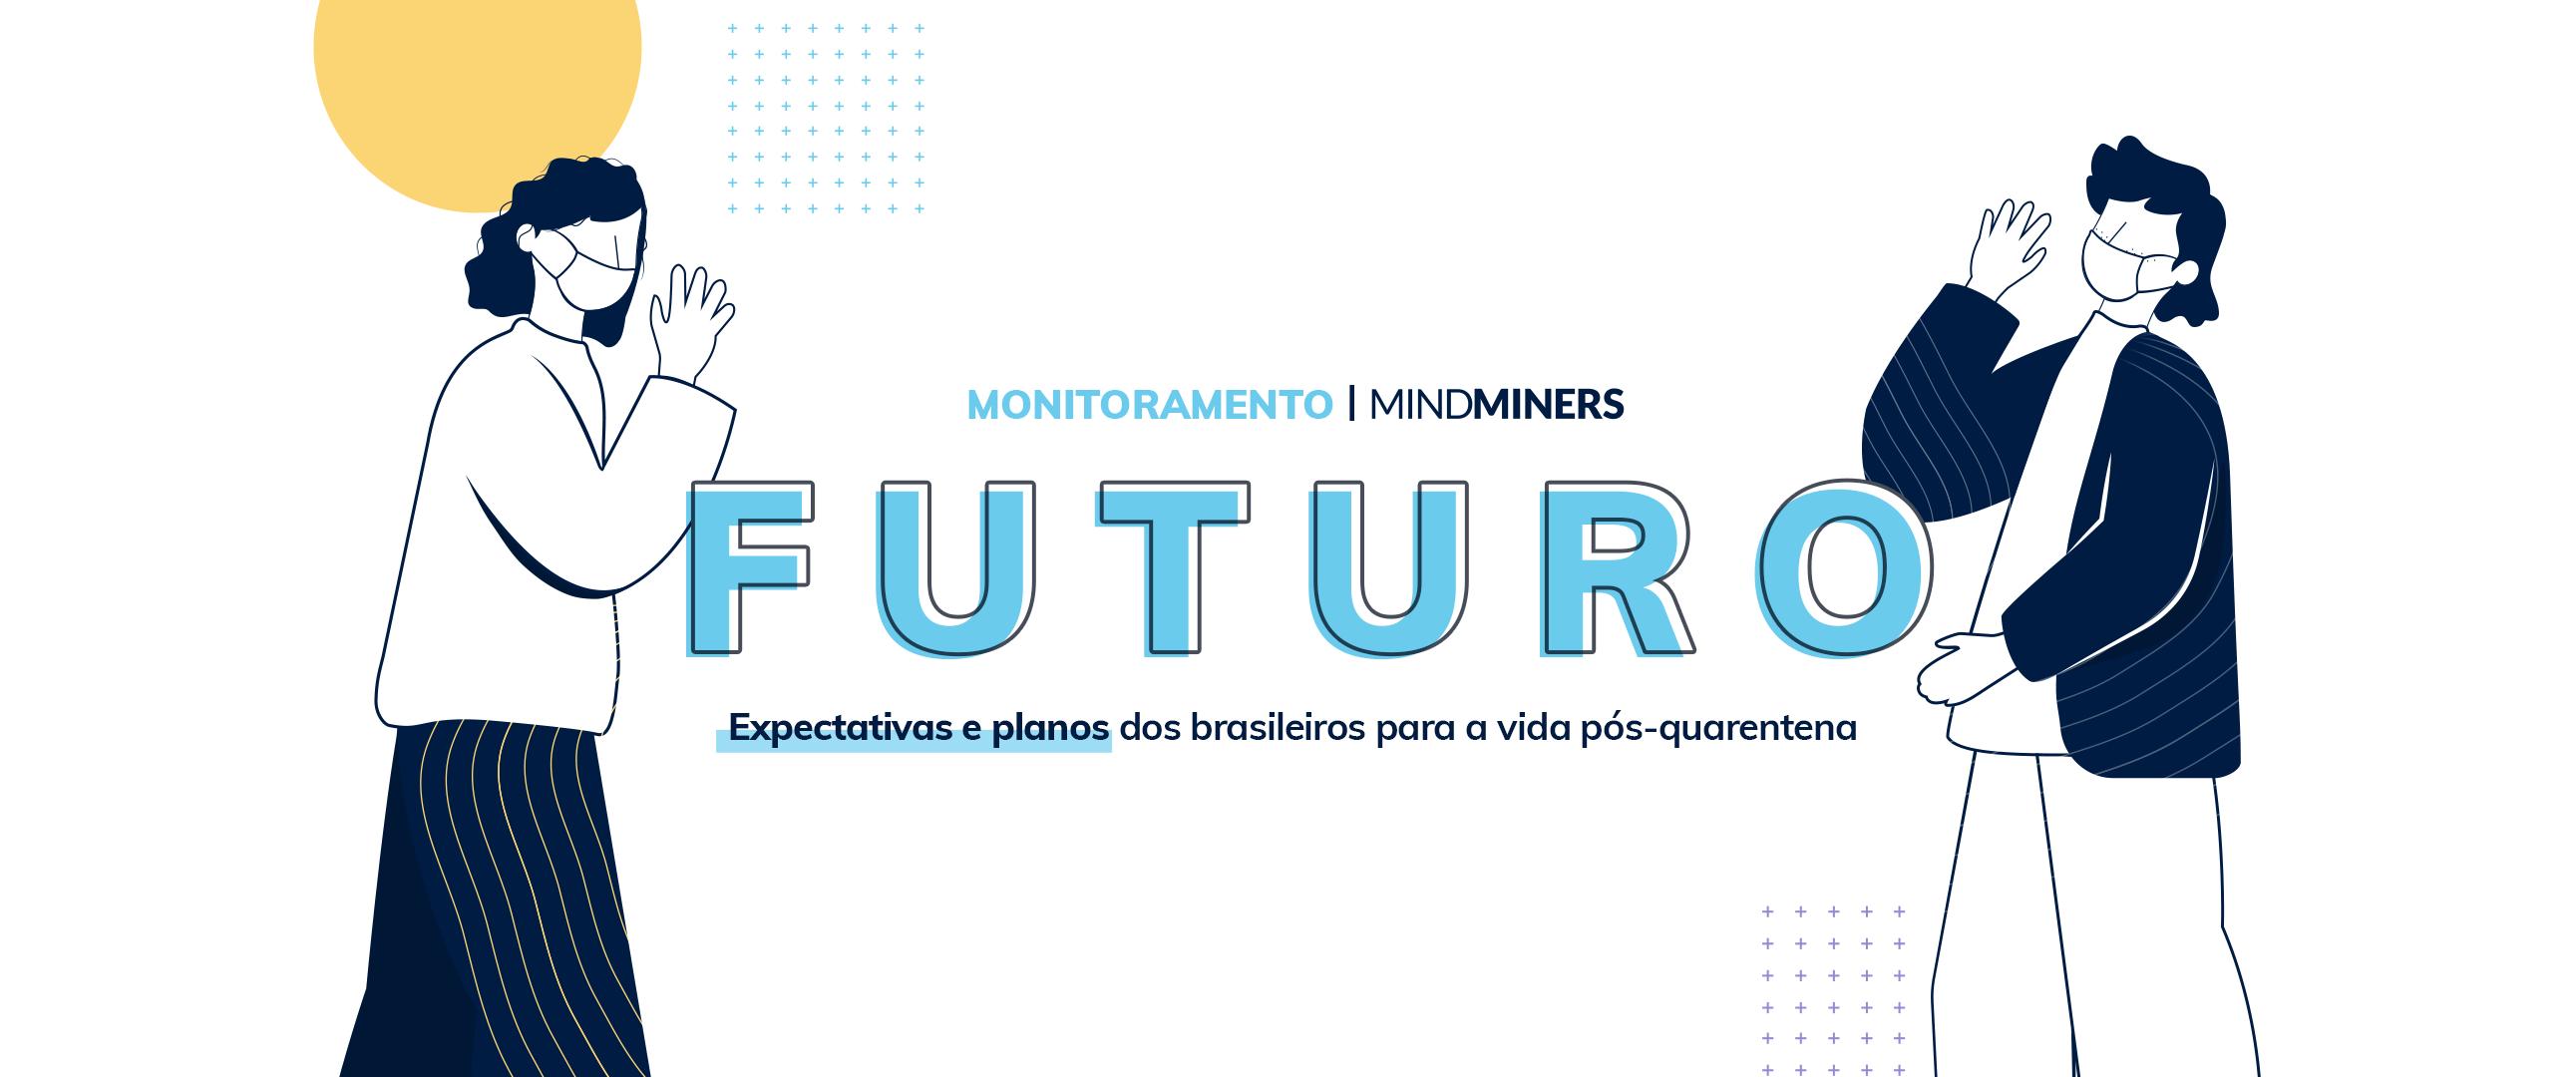 Futuro: Expectativas e planos pós-quarentena